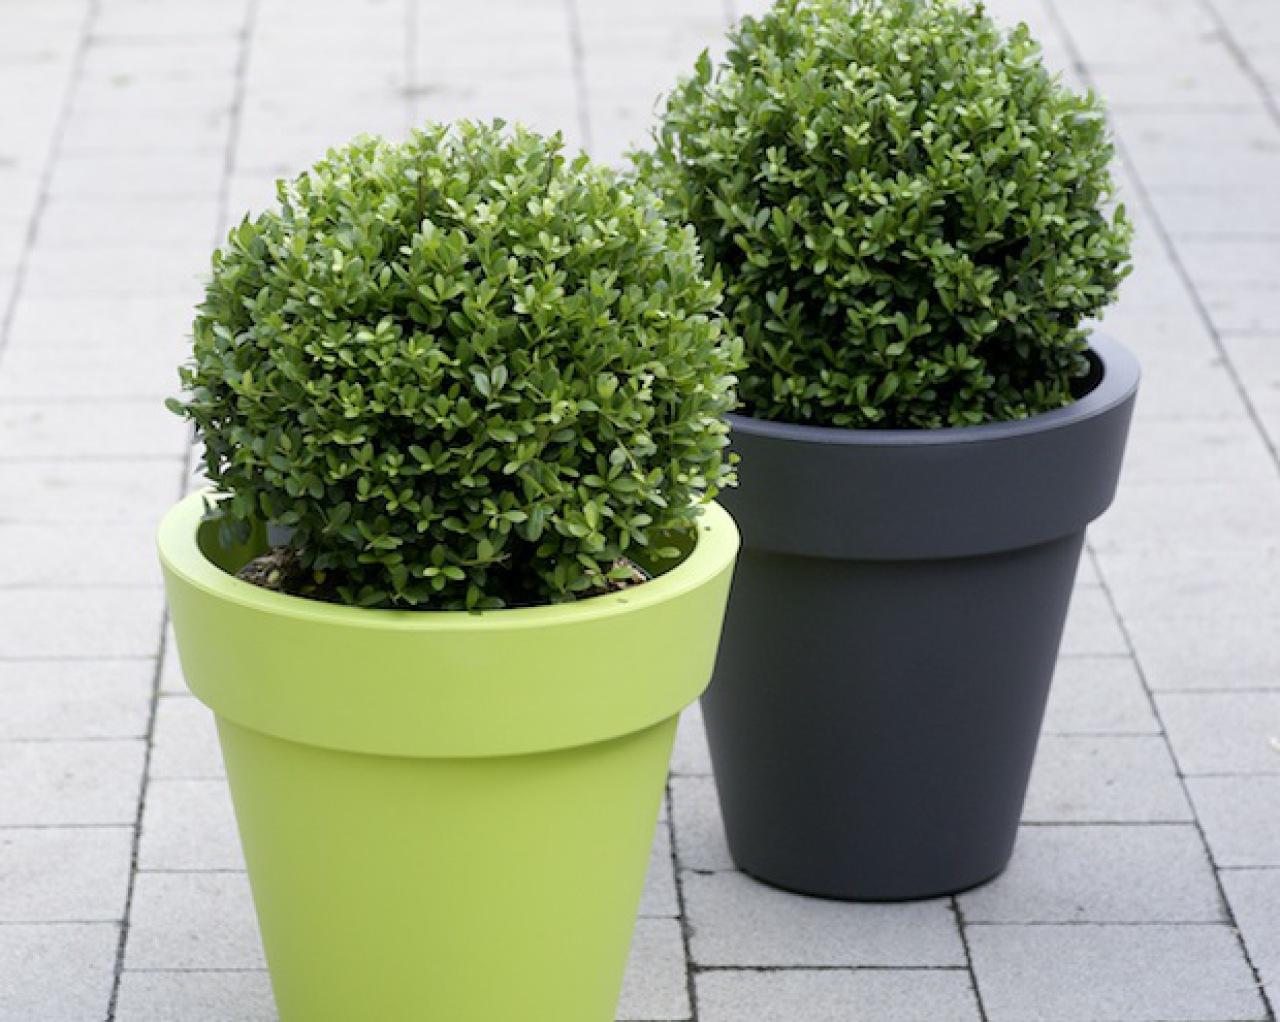 Gemeinsame Statt Buchsbaum: Gesunde Immergrüne - nachrichten - landleben #LR_97